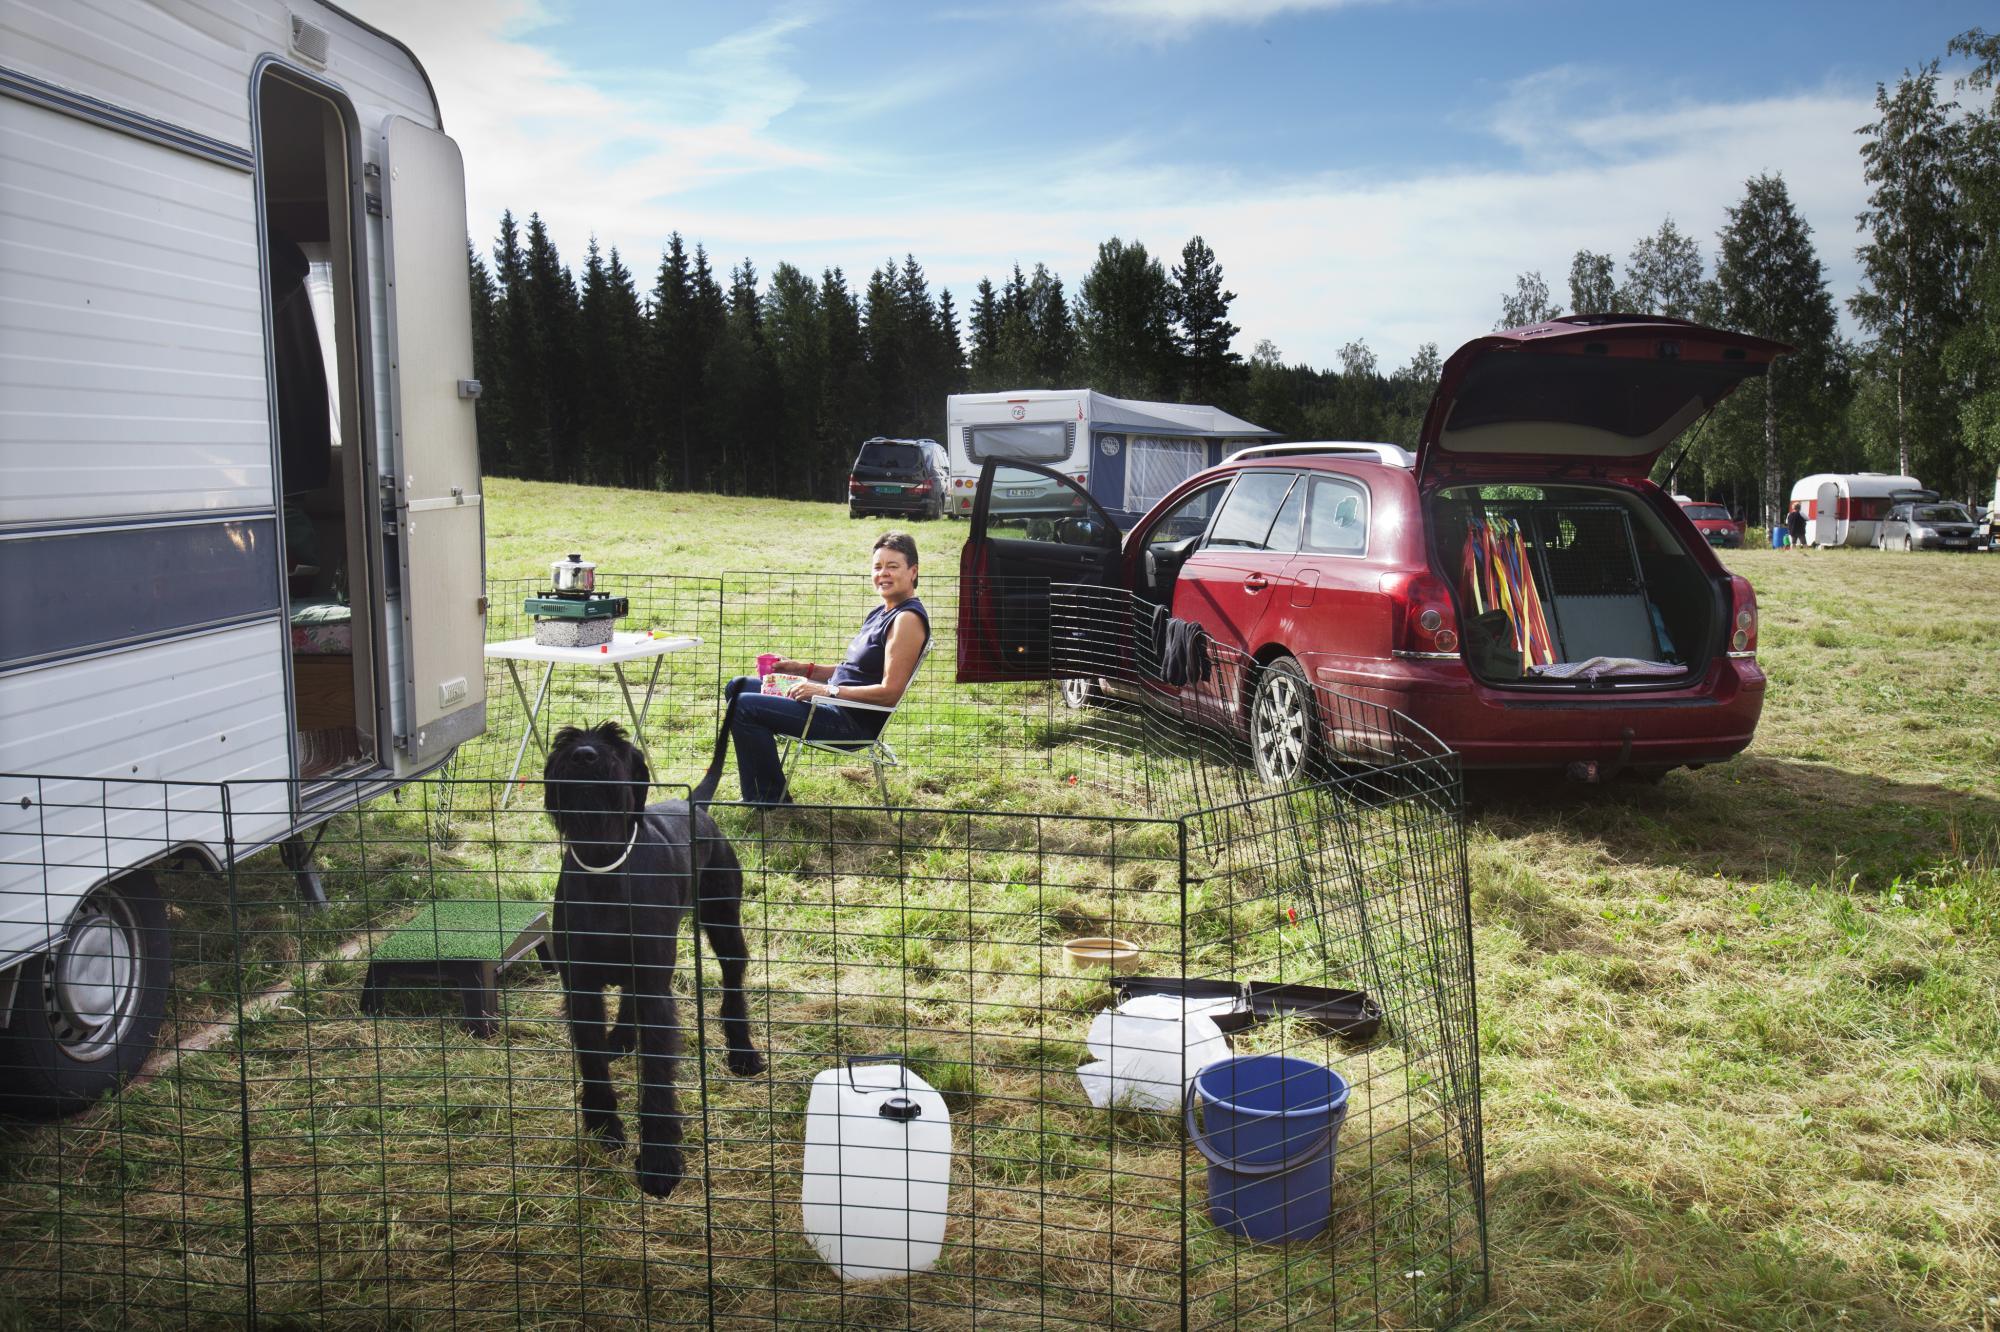 Inger Jönsson tar en vilopaus utanför husvagnen. Inger har en resväg på nio timmar då hon kör från sitt hem i Blentarp utanför Lund till Kopparbolägret, men tycker det är värt resan. Hon och hennes hund Bribories Hippi, som kallas för Tekla, tar tidiga kvällar då de fokuserar på att träna mycket under lägret.